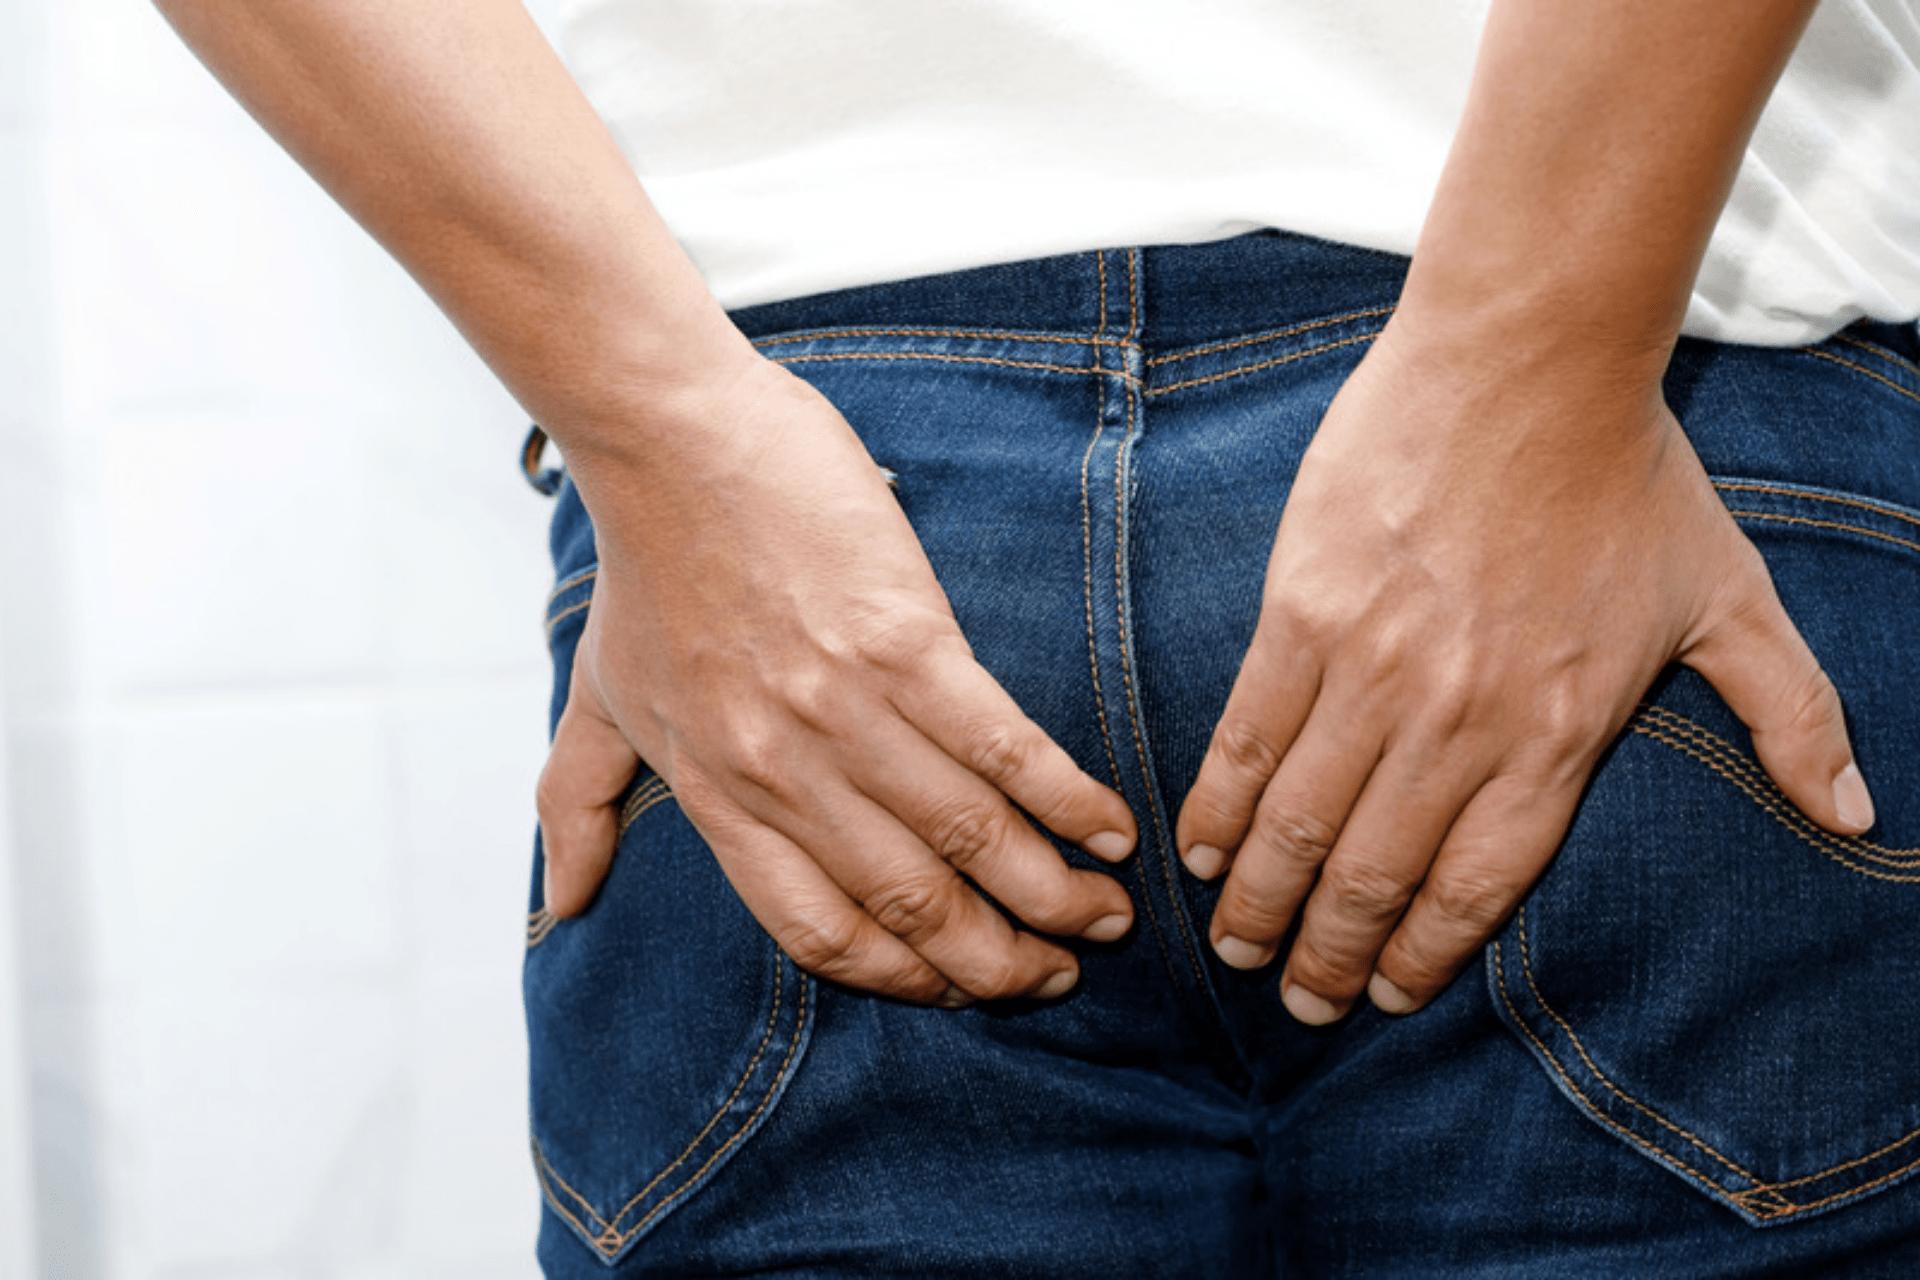 Hemorrhoidal Diseases